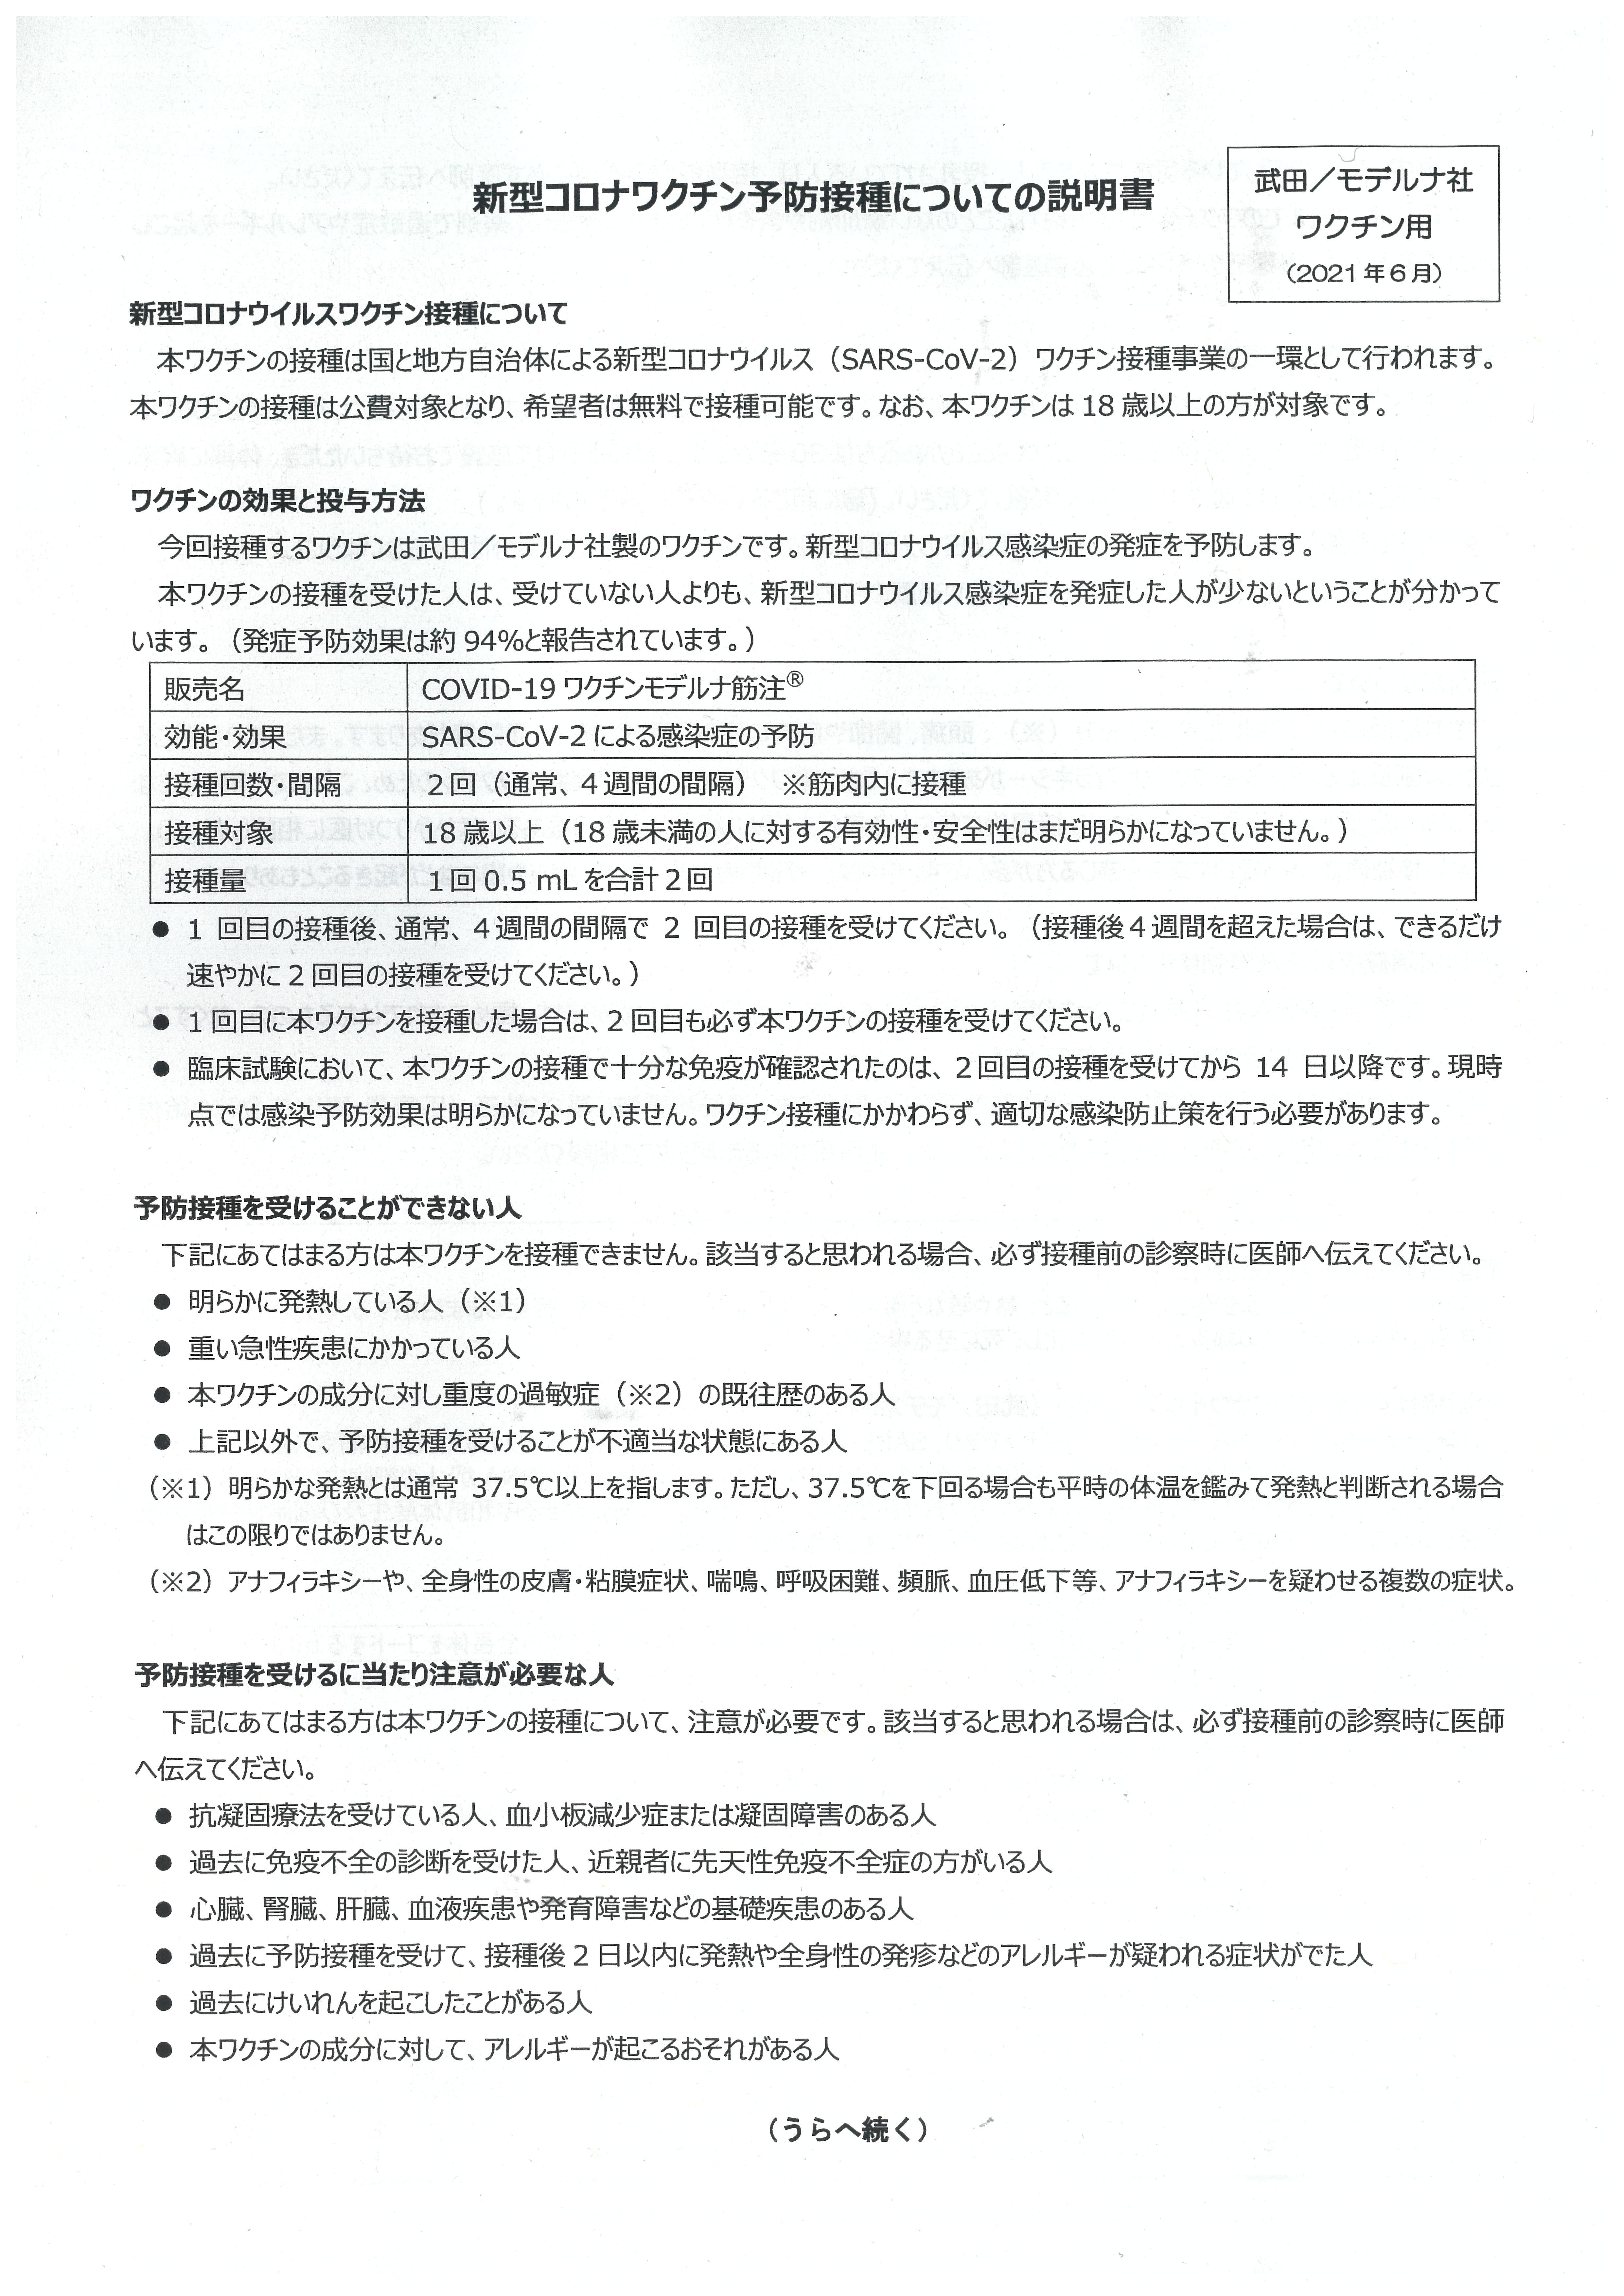 新型コロナワクチン予防接種についての説明書(武田 モデルナ社)表